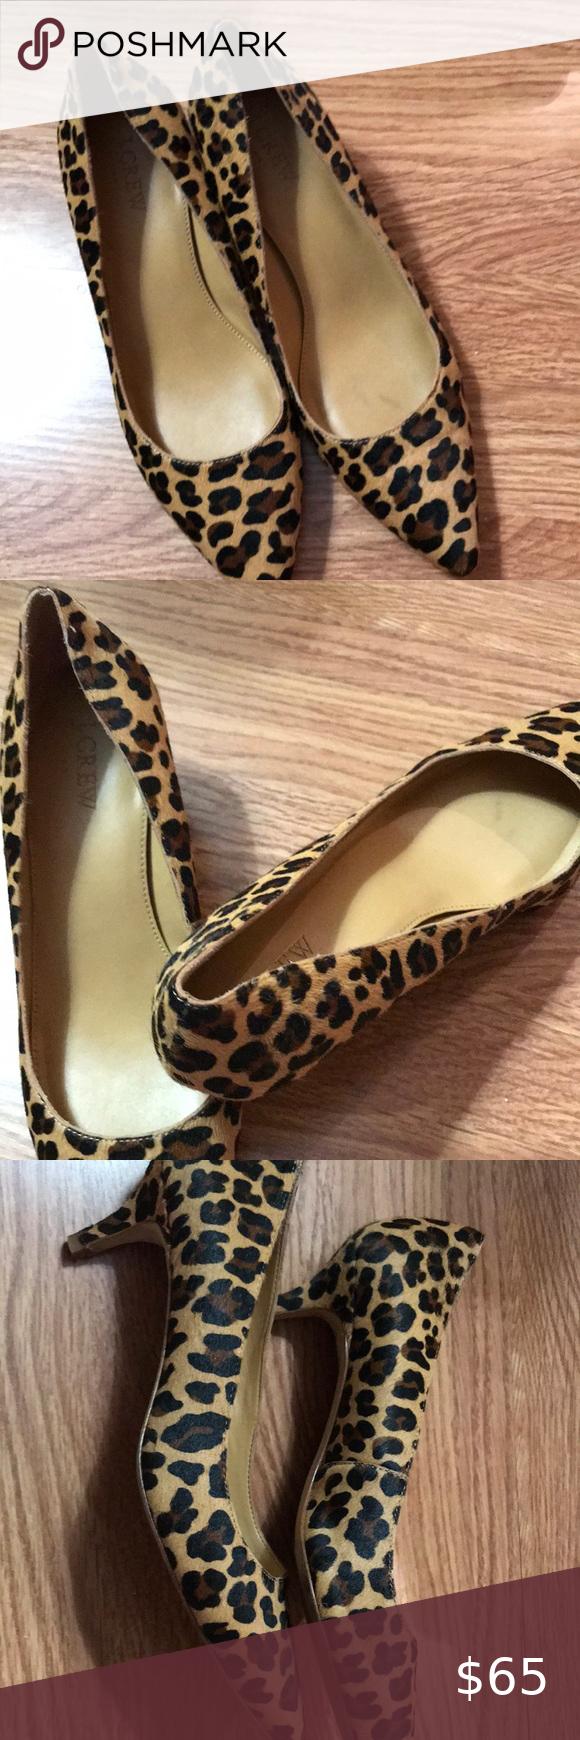 Jcrew Leopard Calf Hair Kitten Heels 9 In 2020 Shoes Women Heels Kitten Heels Heels